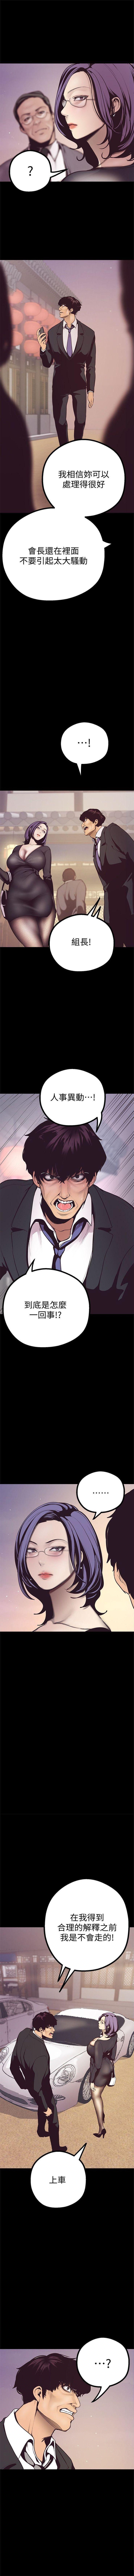 (週1)美麗新世界 1-76 中文翻譯 (更新中) 54